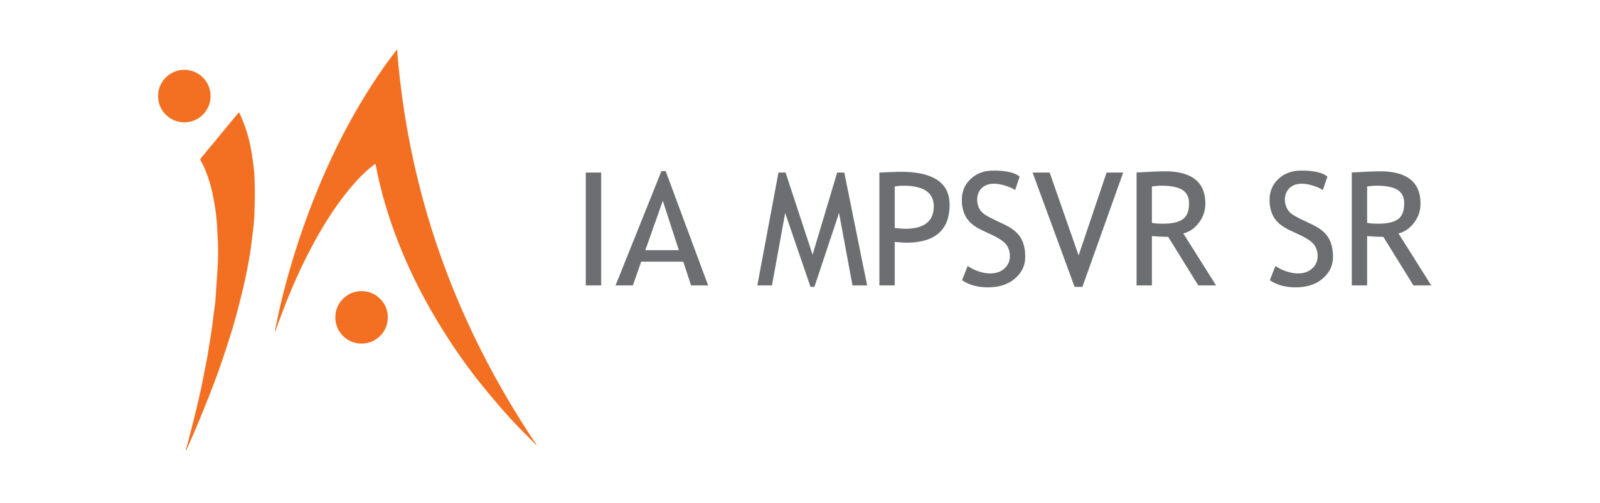 IA_MPSVR_SR_2